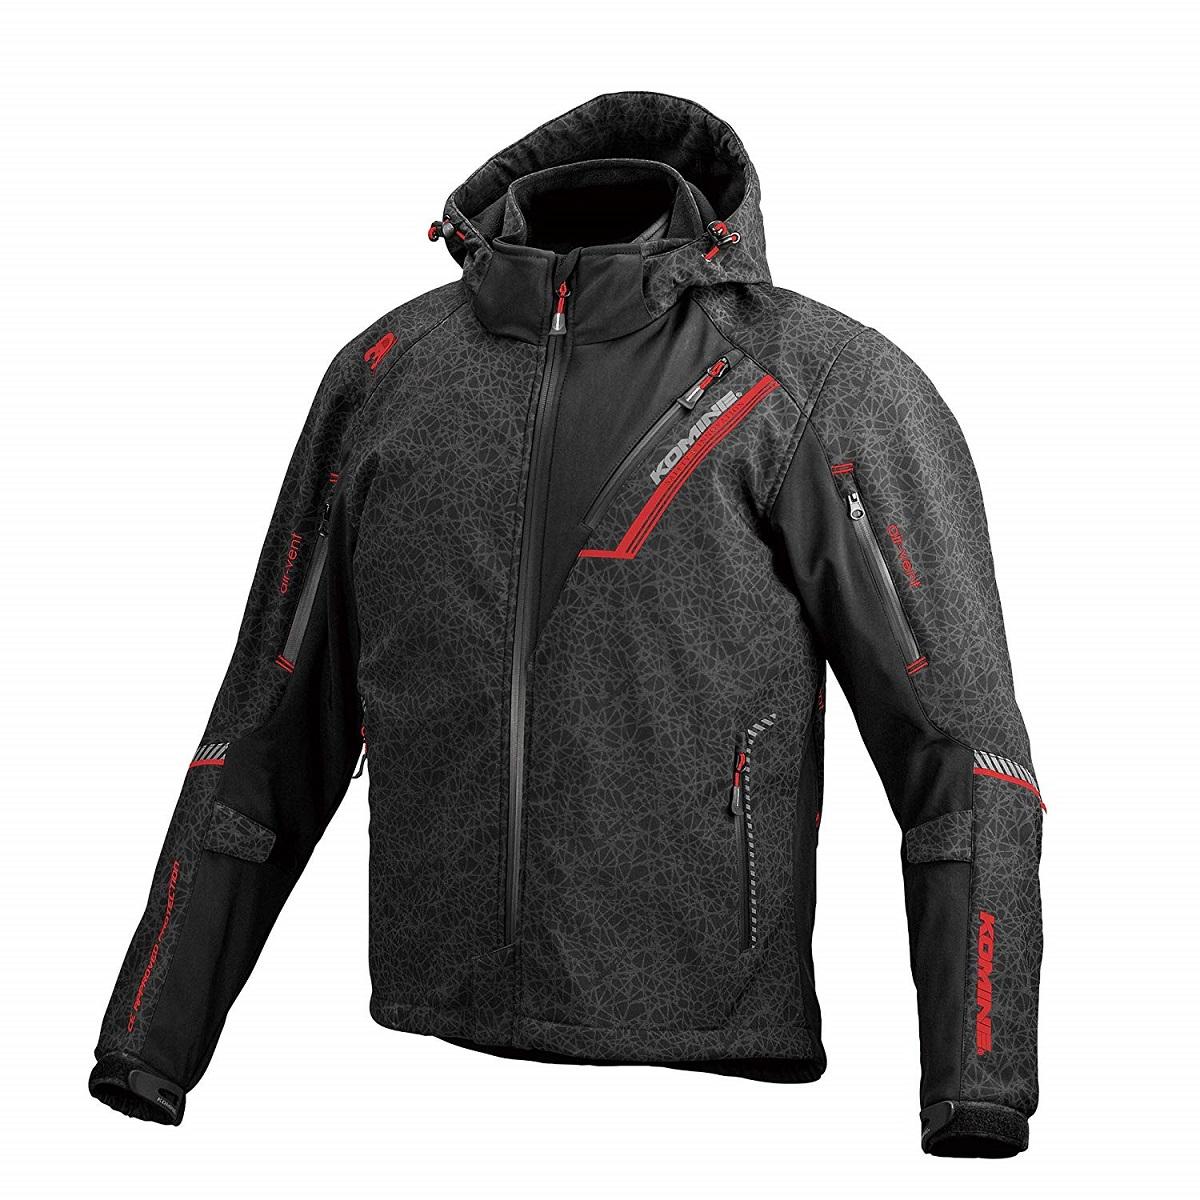 コミネ(KOMINE) JK-579 プロテクトソフトシェルウィンターパーカ-イフ HR-Black/Red 2XLサイズ